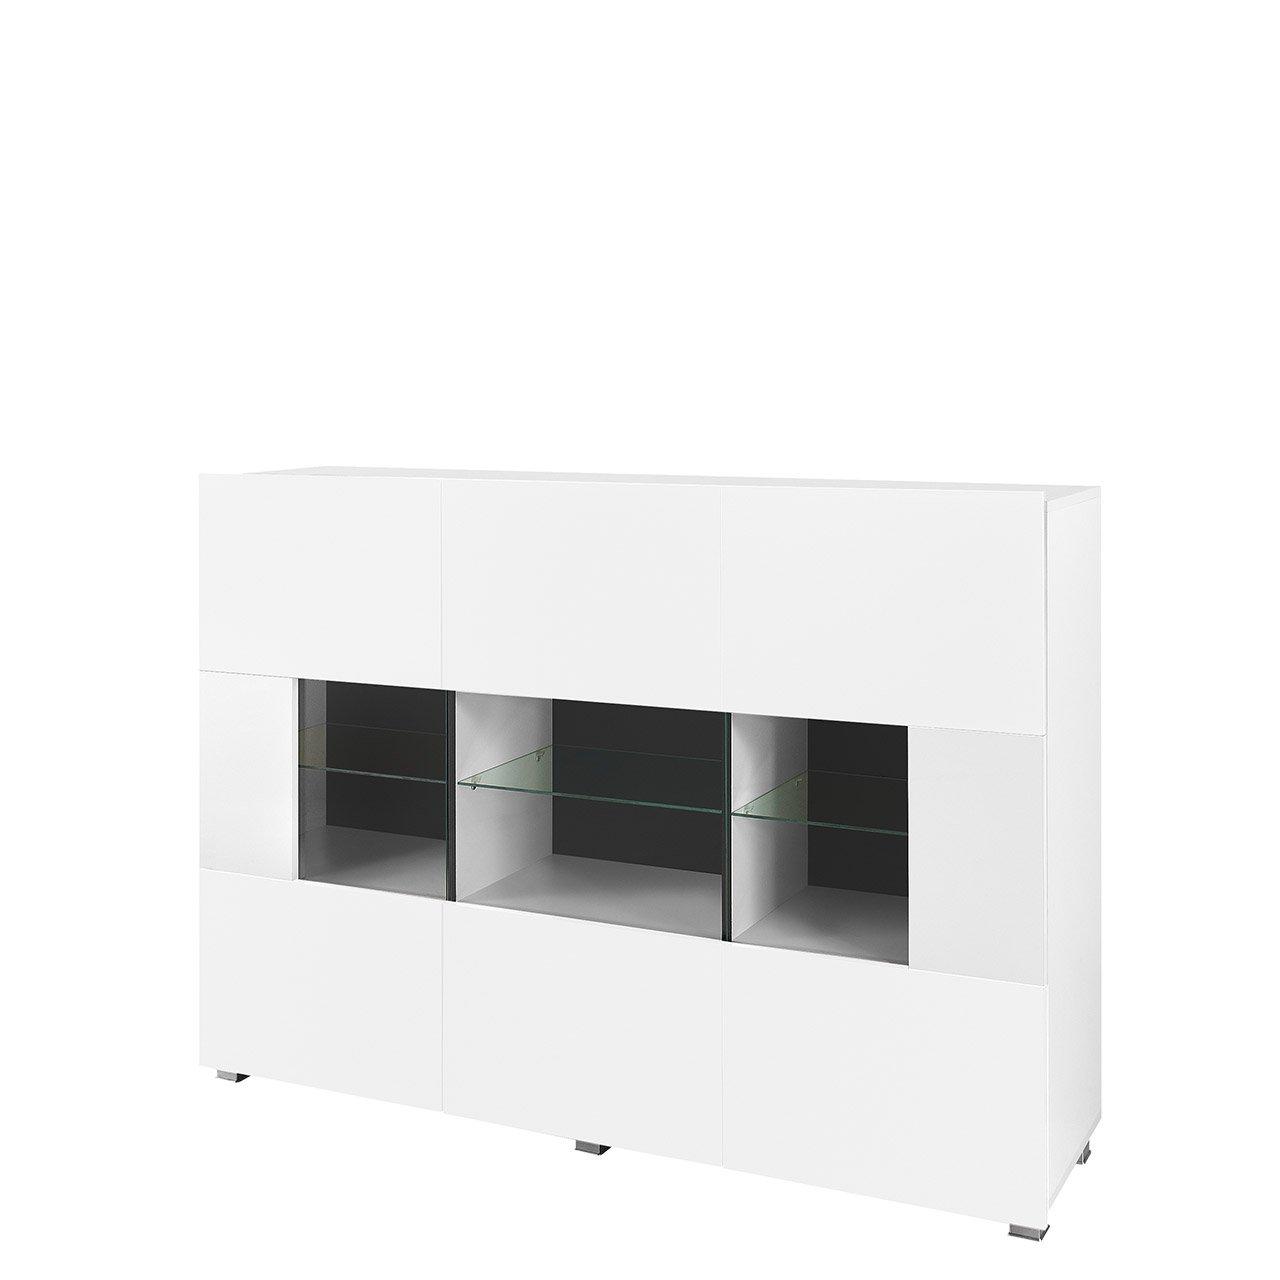 Mirjan24  Kommode Gordia G K3D mit 3 Türen, Anrichte, Sideboard, 150x107x35 cm, Mehrzweckschrank, Highboard, Wohnzimmer (mit Blauer LED Beleuchtung, Weiß/Weiß Matt + Weiß Hochglanz)